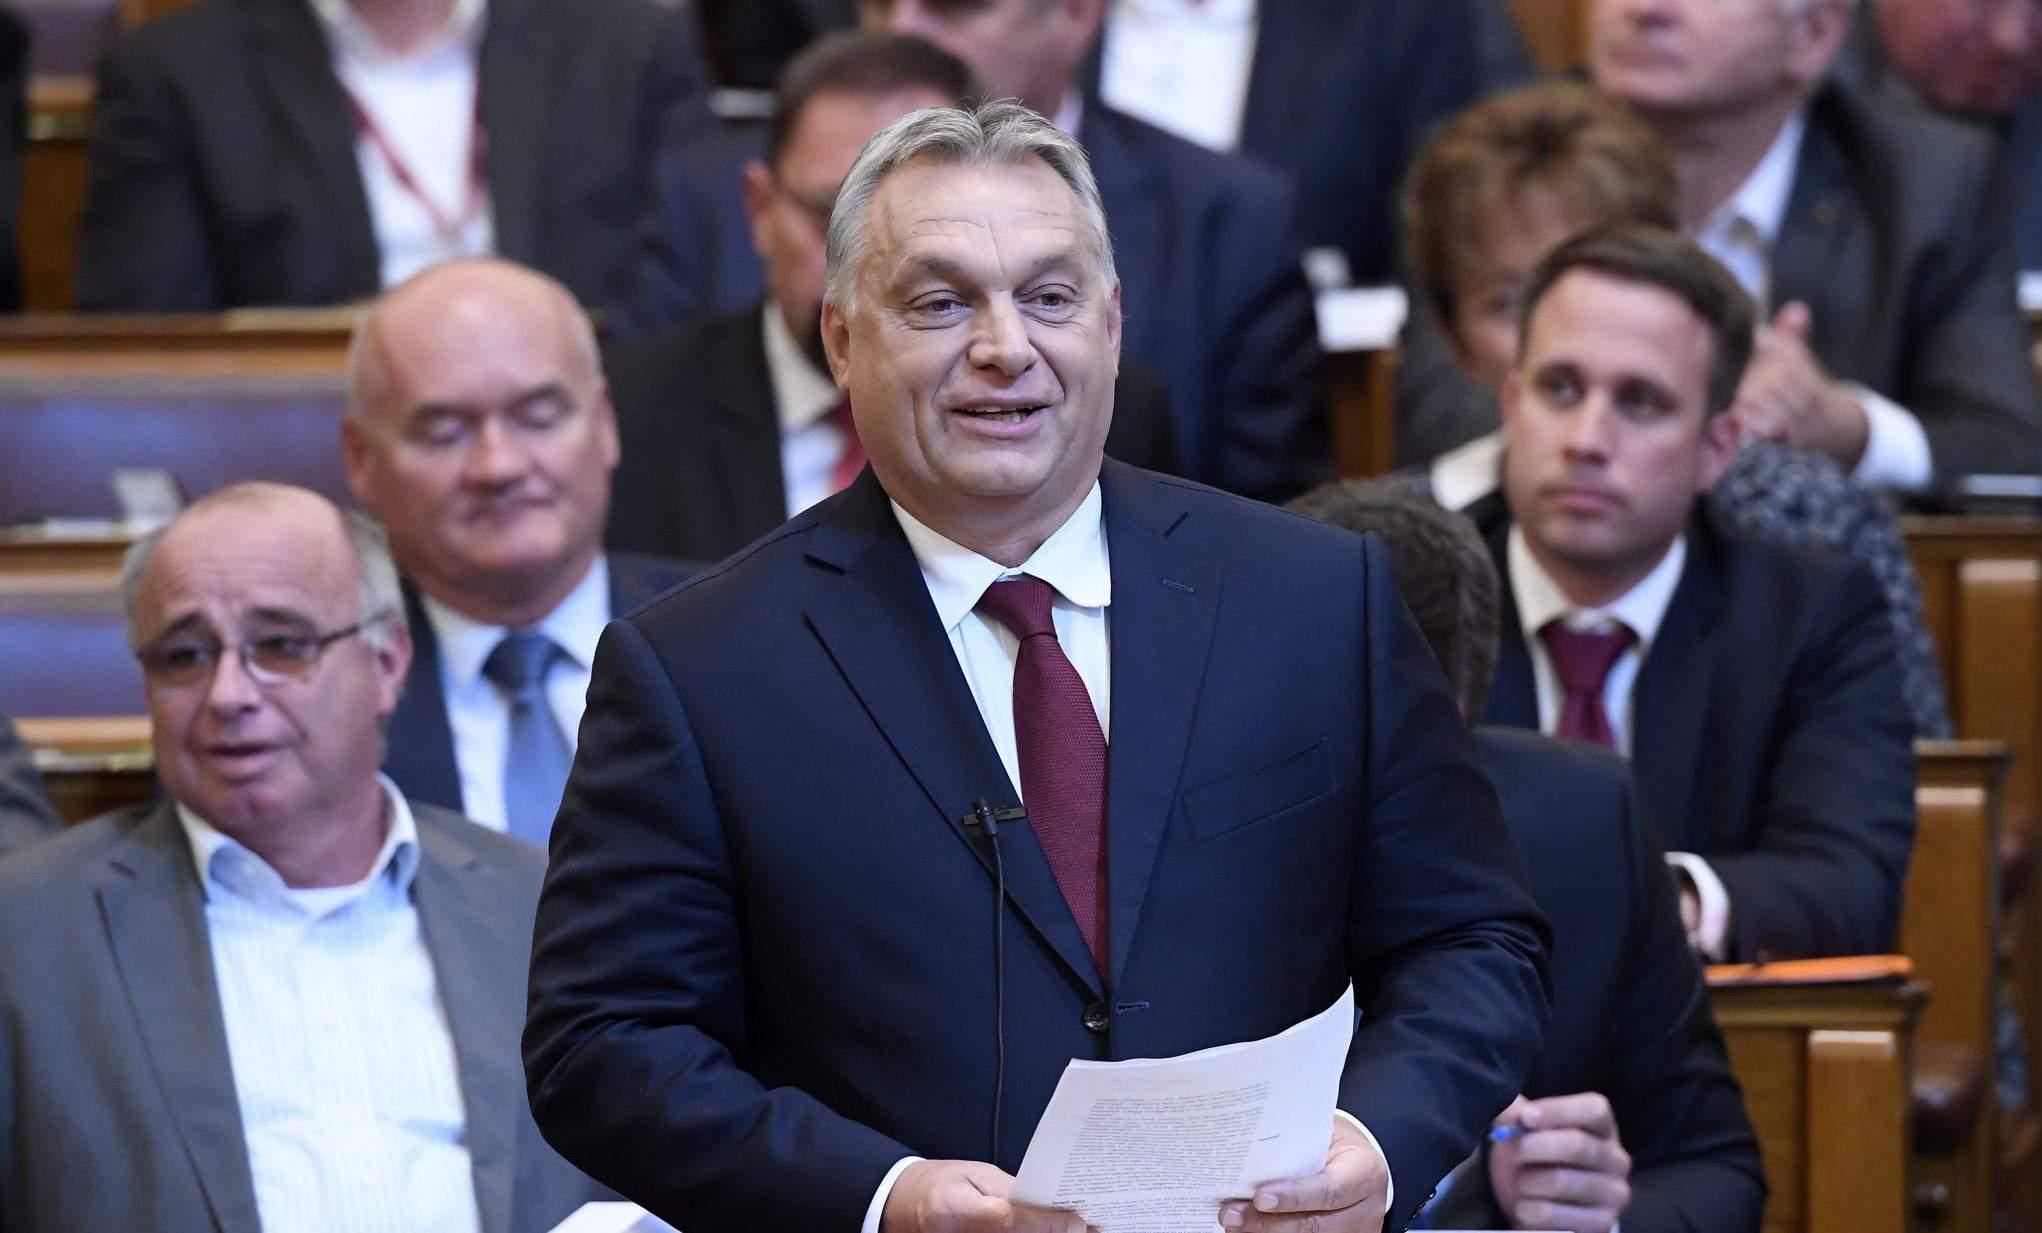 Orbán parliament speech